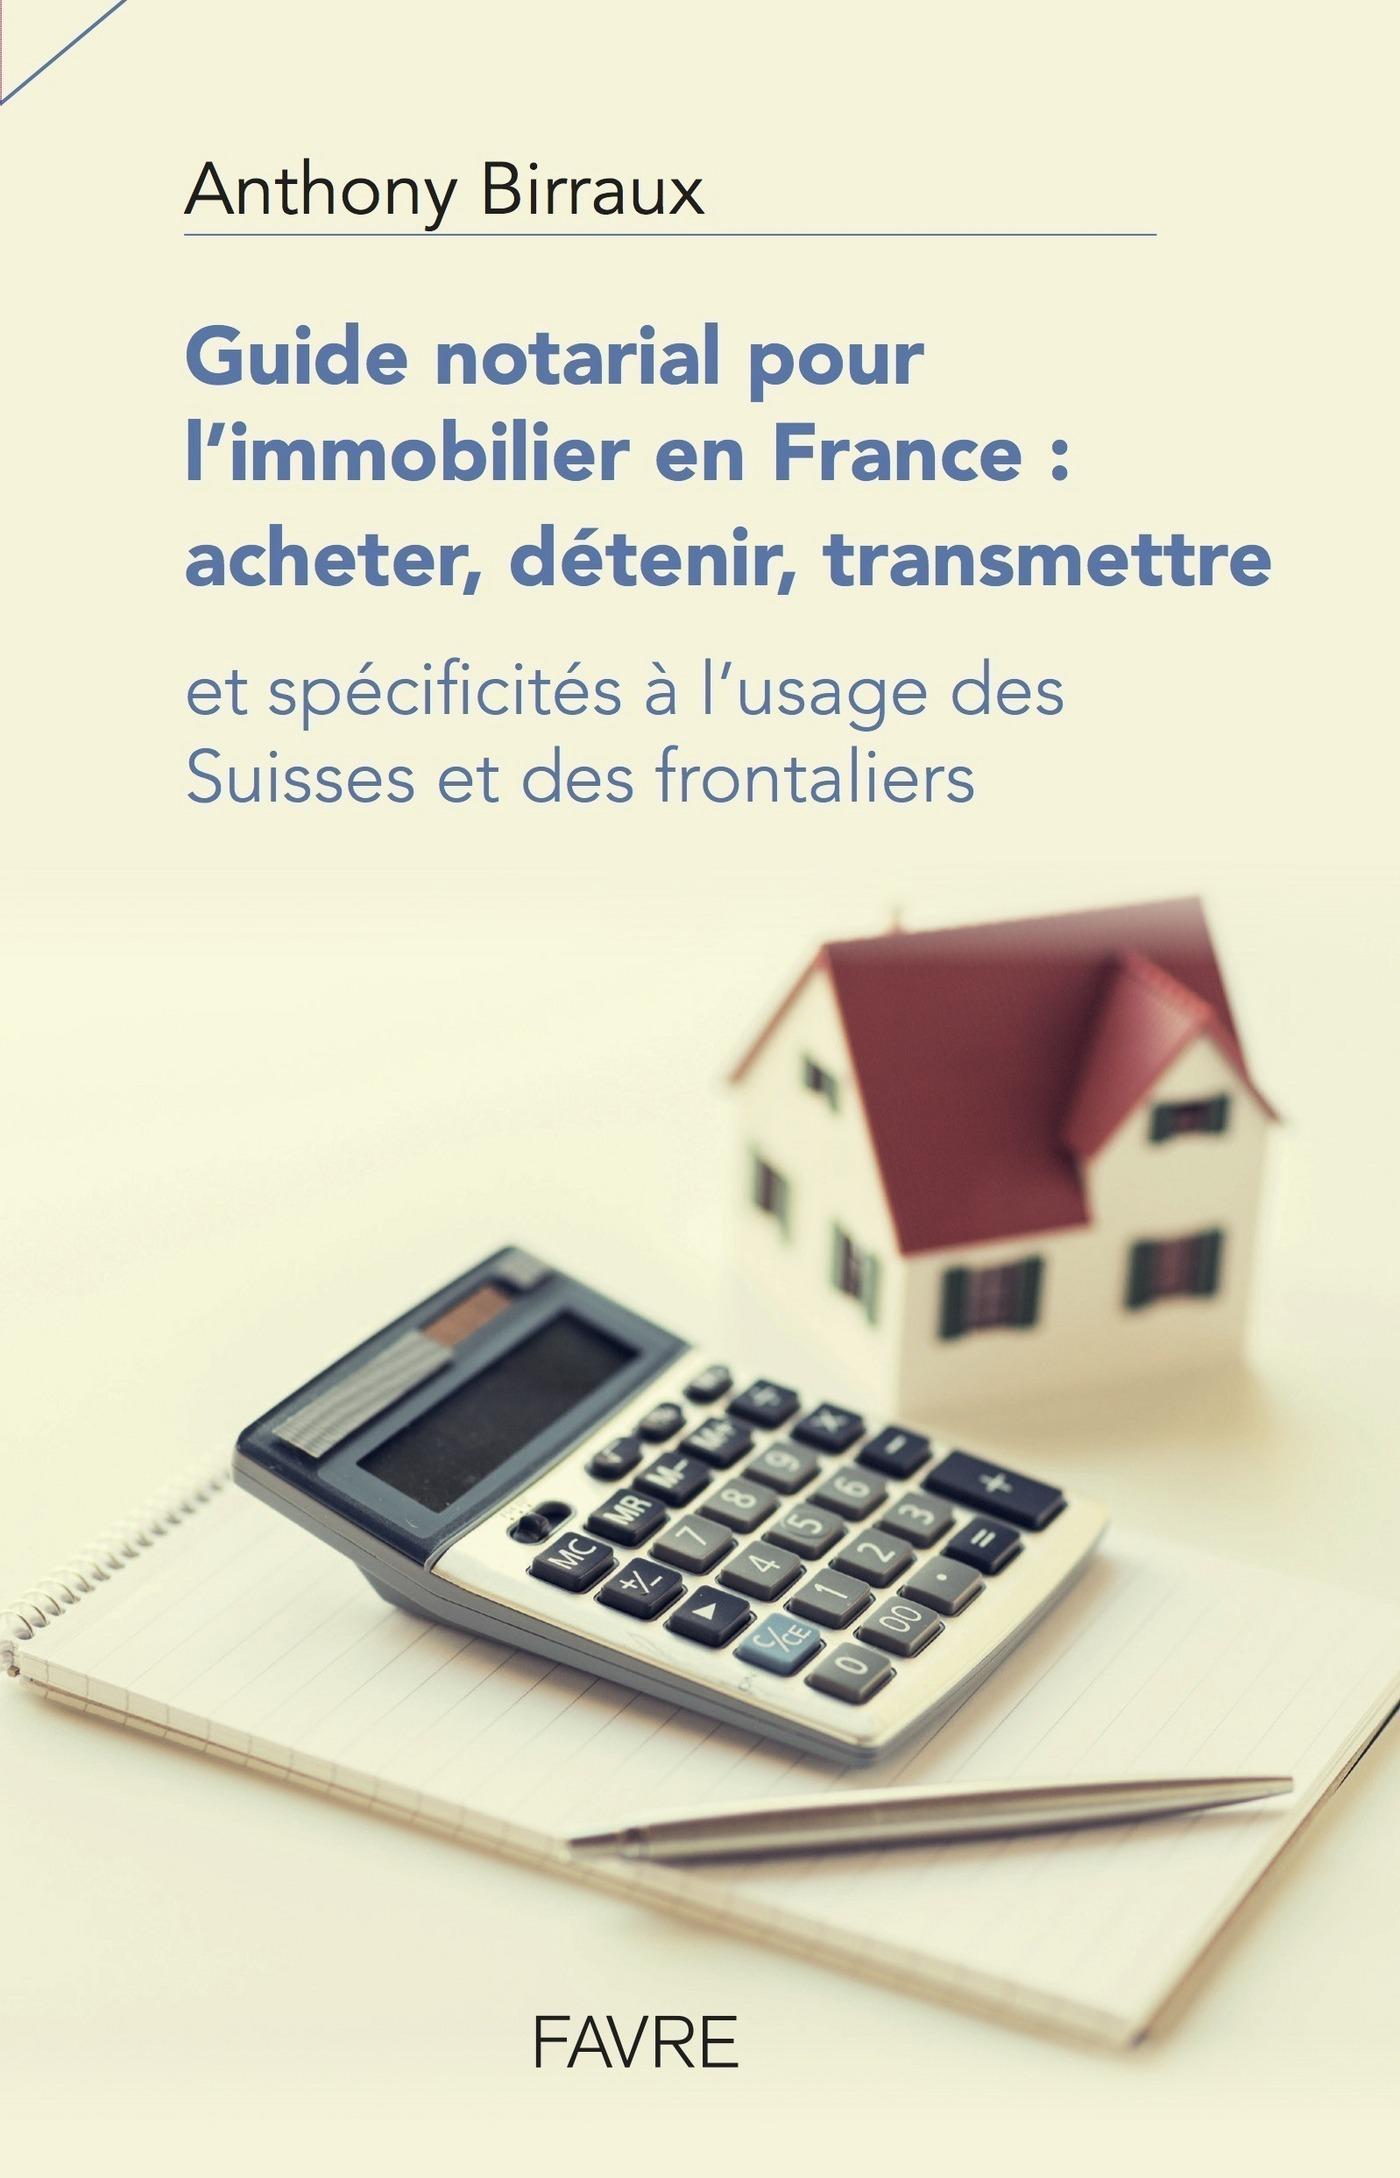 Guide notarial pour l'immobilier en France : acheter, détenir, transmettre